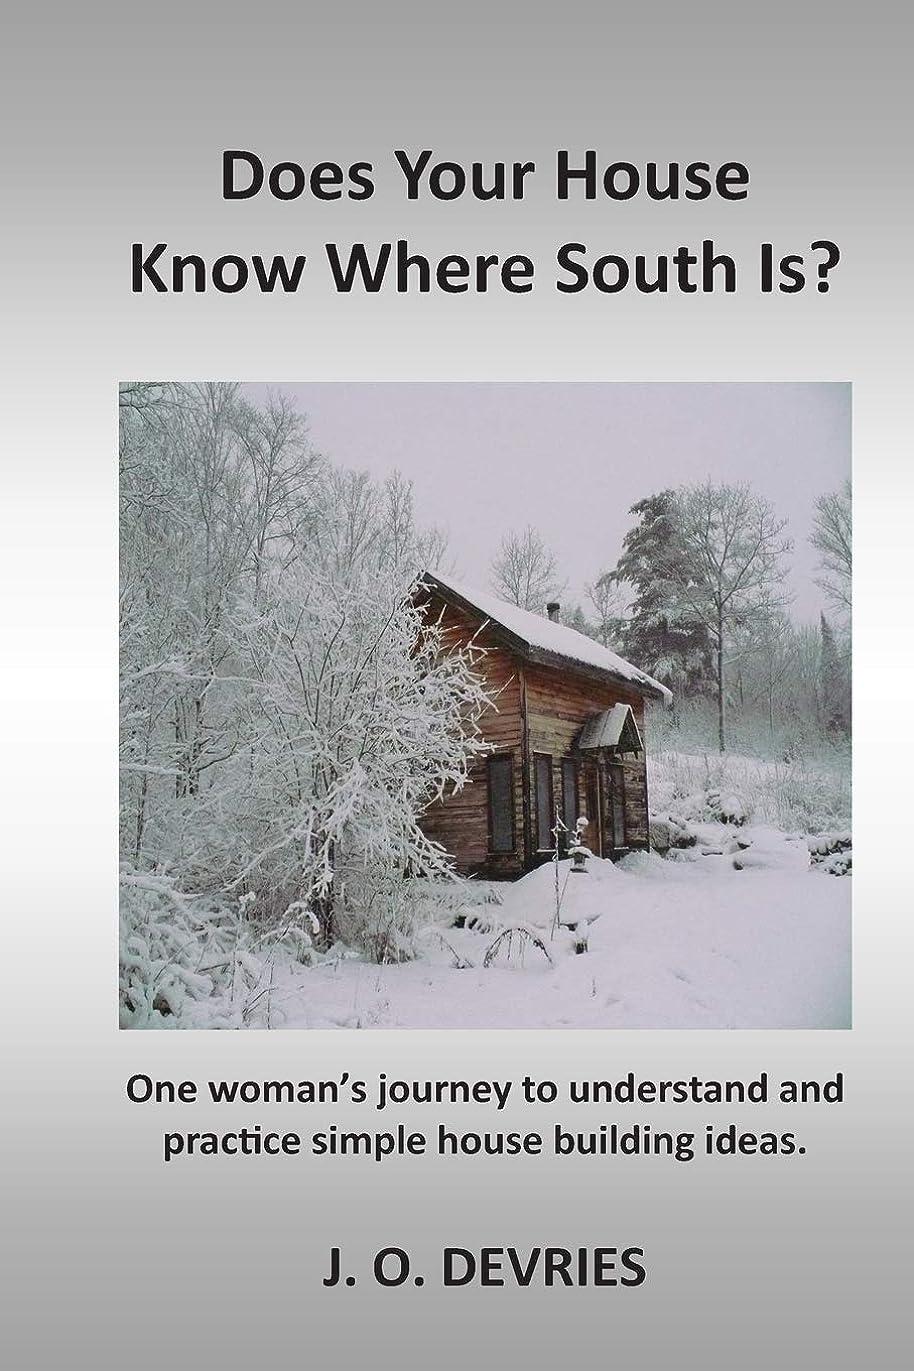 届ける表現ギャザーDoes Your House Know Where South Is?: One woman's journey to understand and practice simple house building ideas.